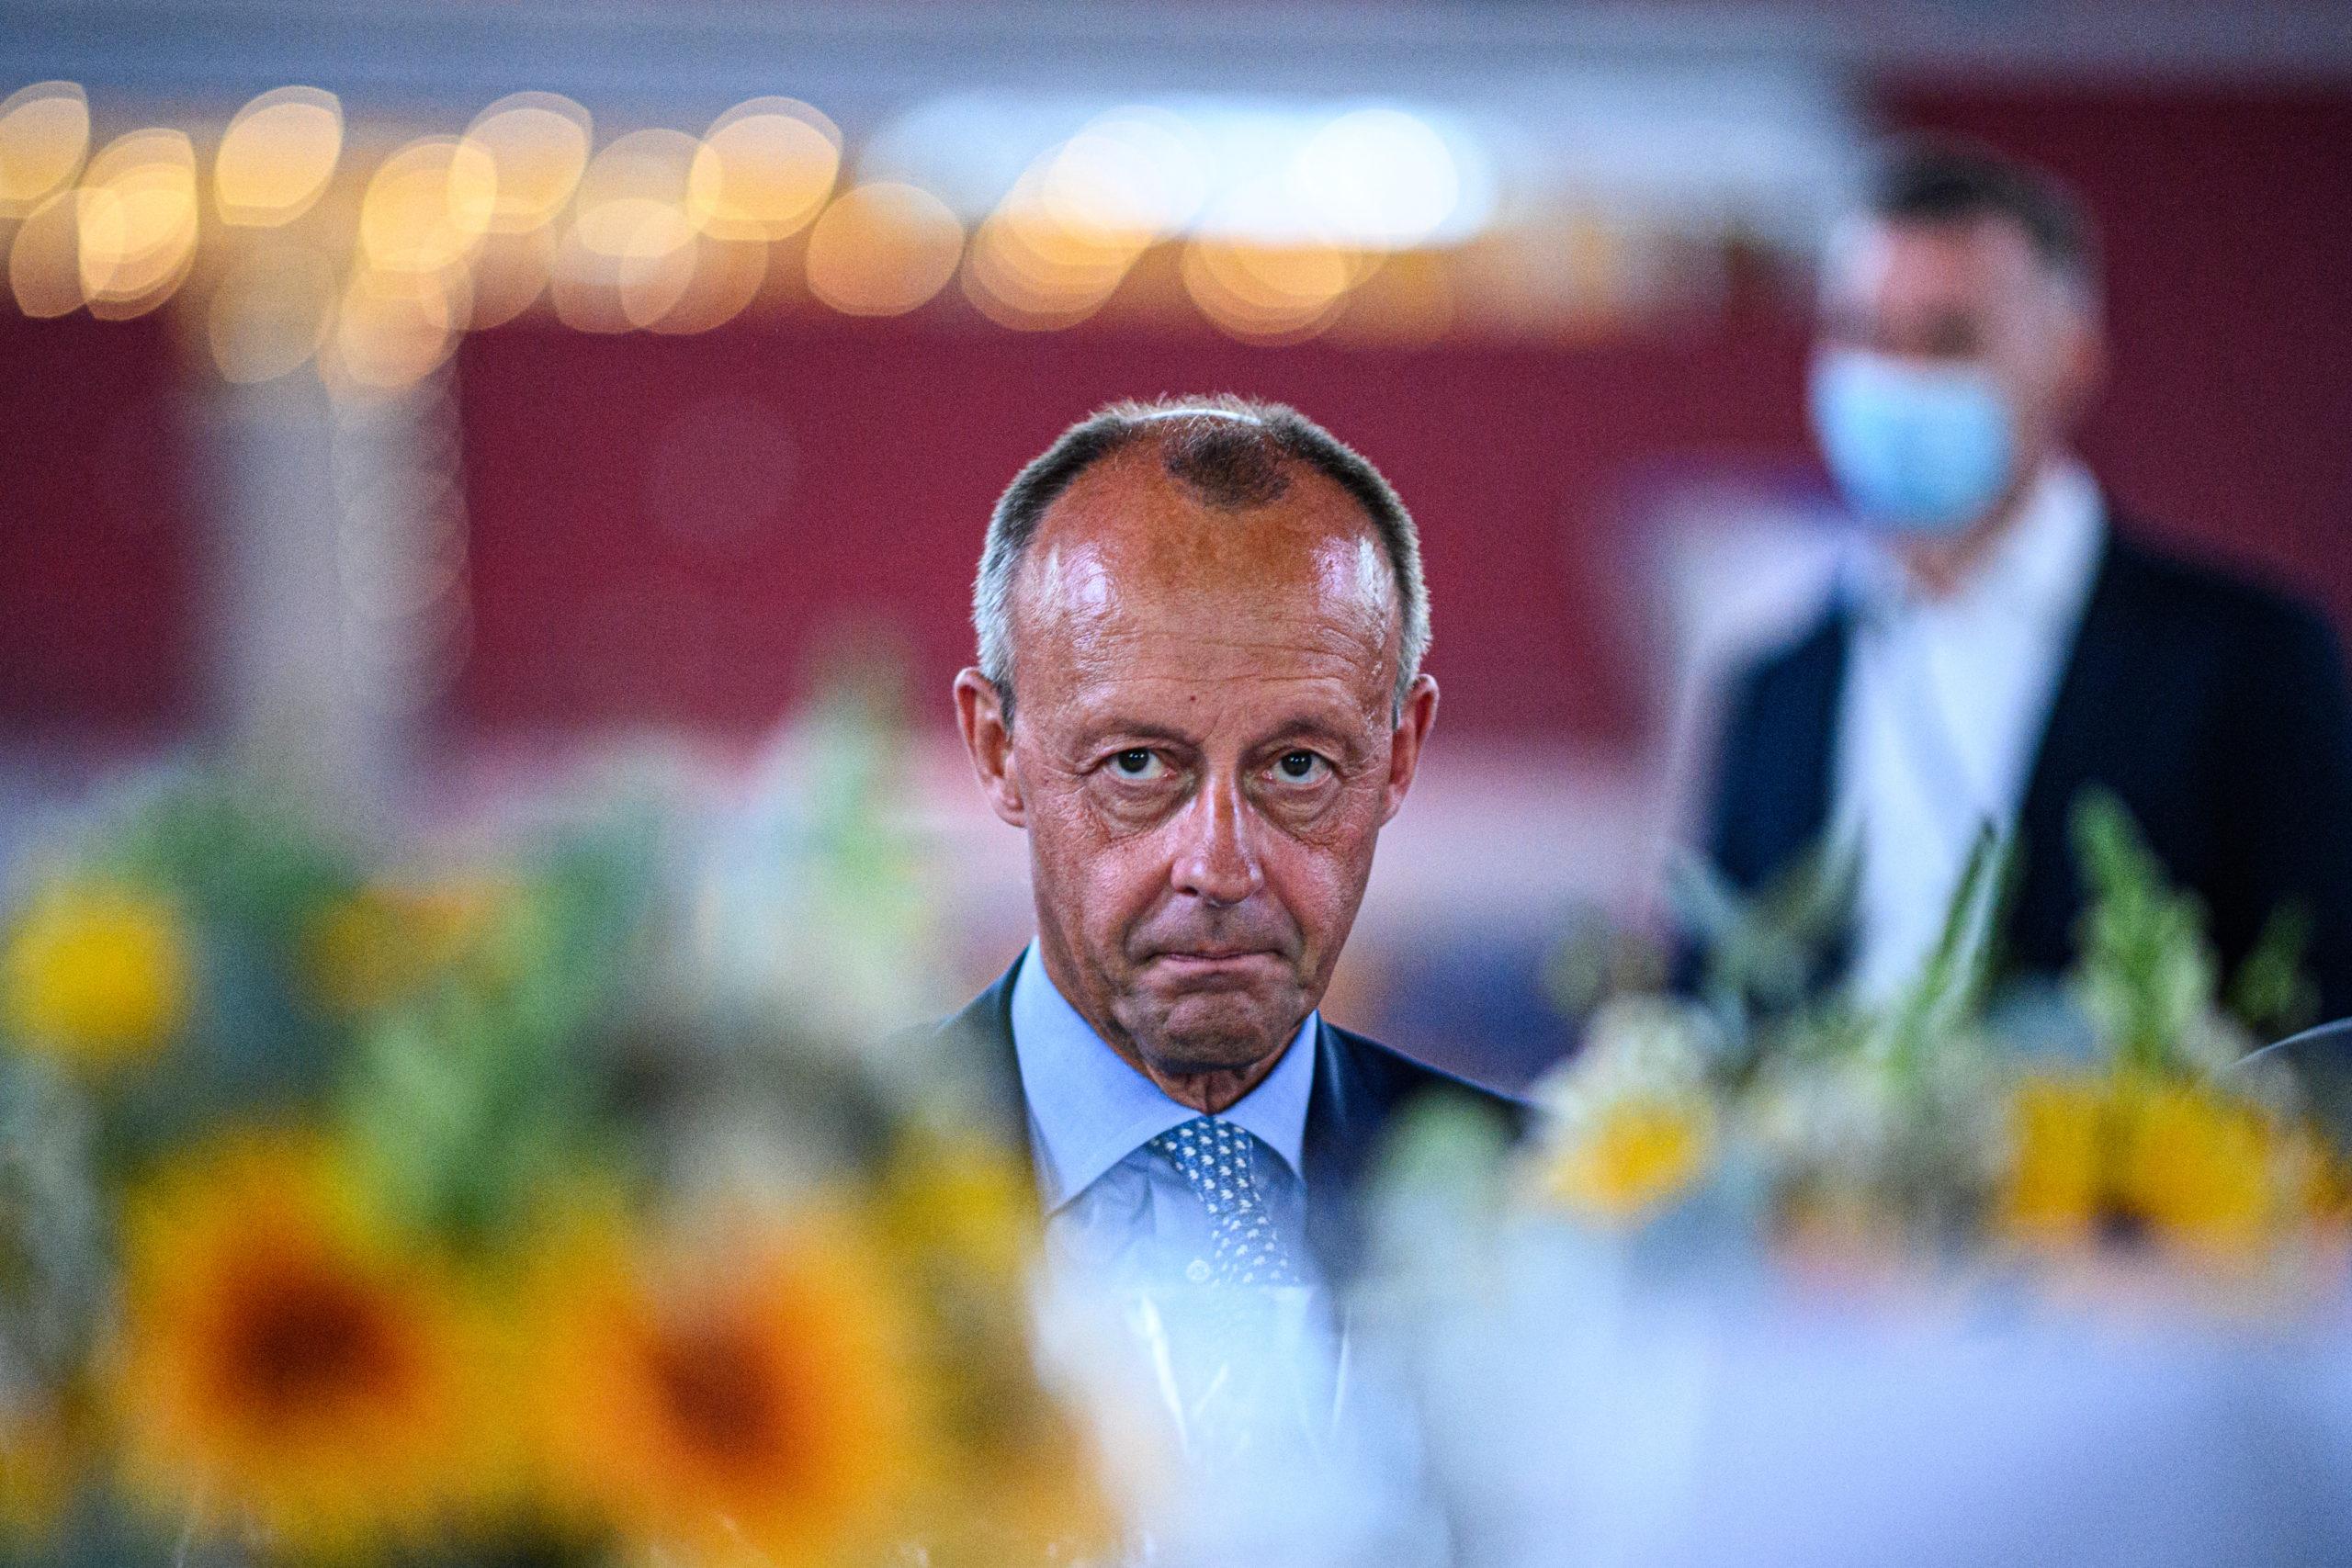 Le politicien Friedrich Merz, membre des démocrates-chrétiens allemands (CDU), se bat pour la direction du parti et avec lui une éventuelle candidature à la chancelière.